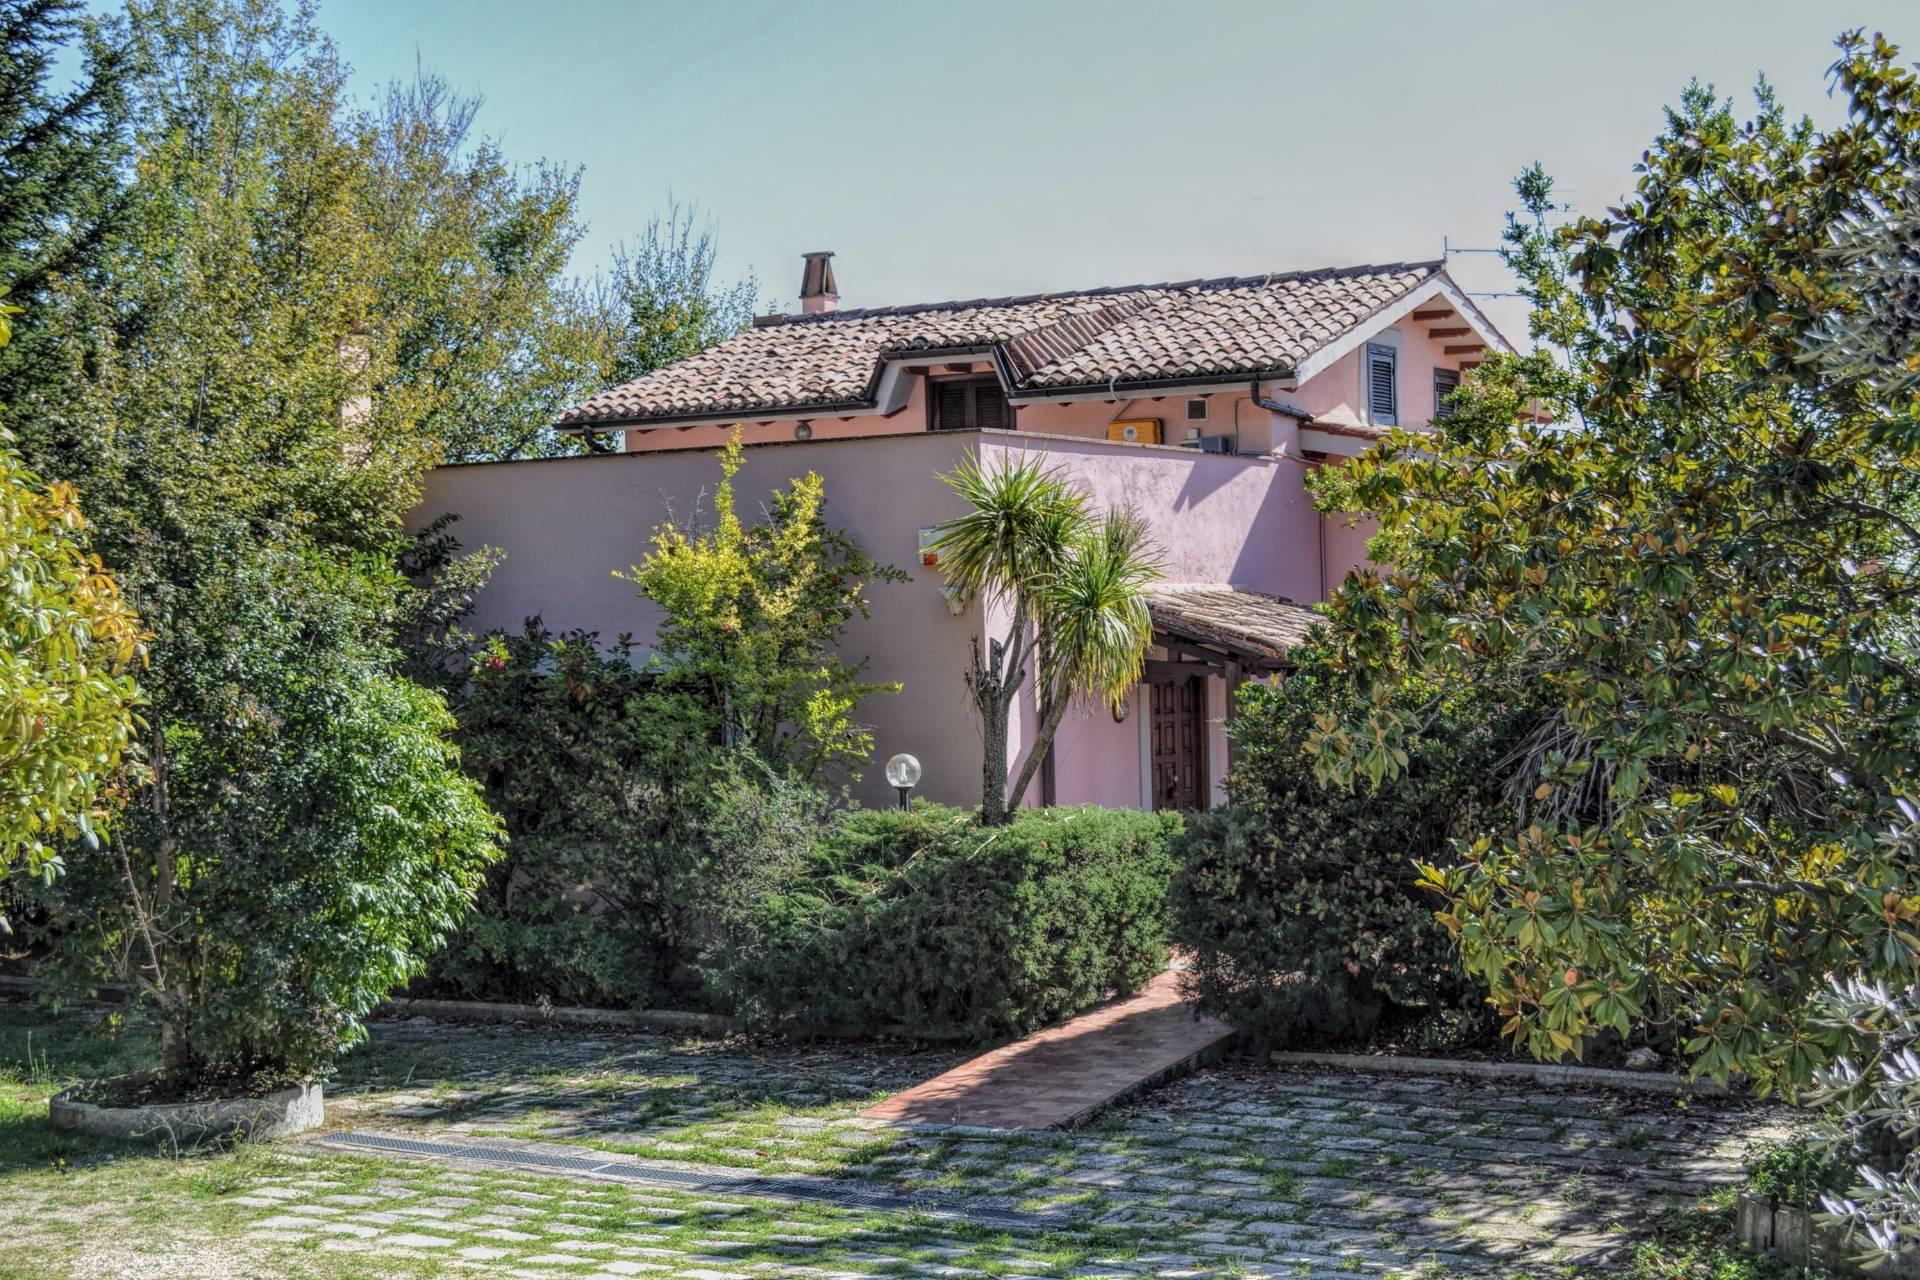 Villa in vendita a Poggio Nativo, 5 locali, prezzo € 410.000   CambioCasa.it